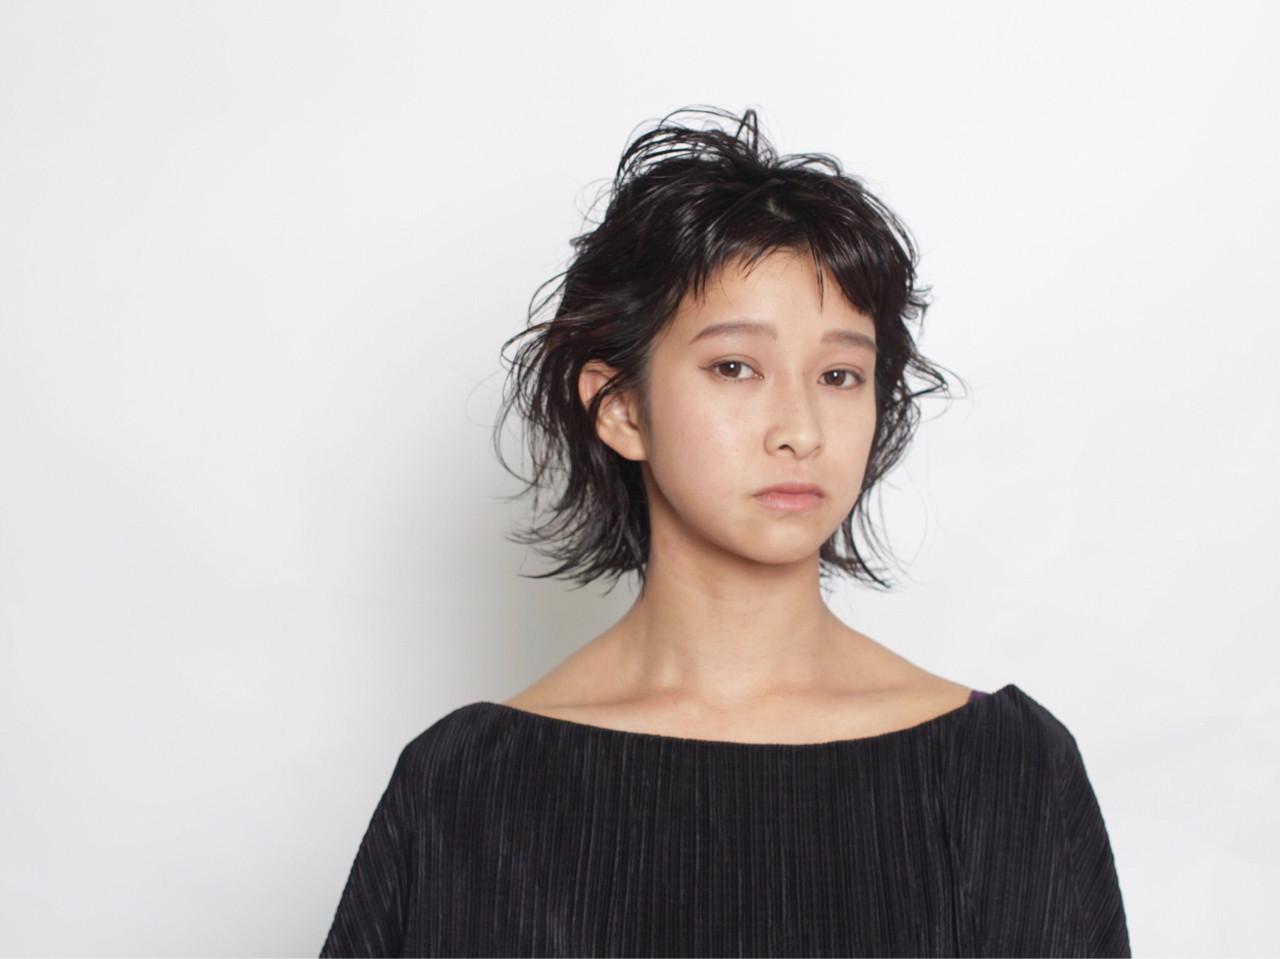 エアリーカールならとってもキュート♪ 仙頭郁弥 | loji+LIM